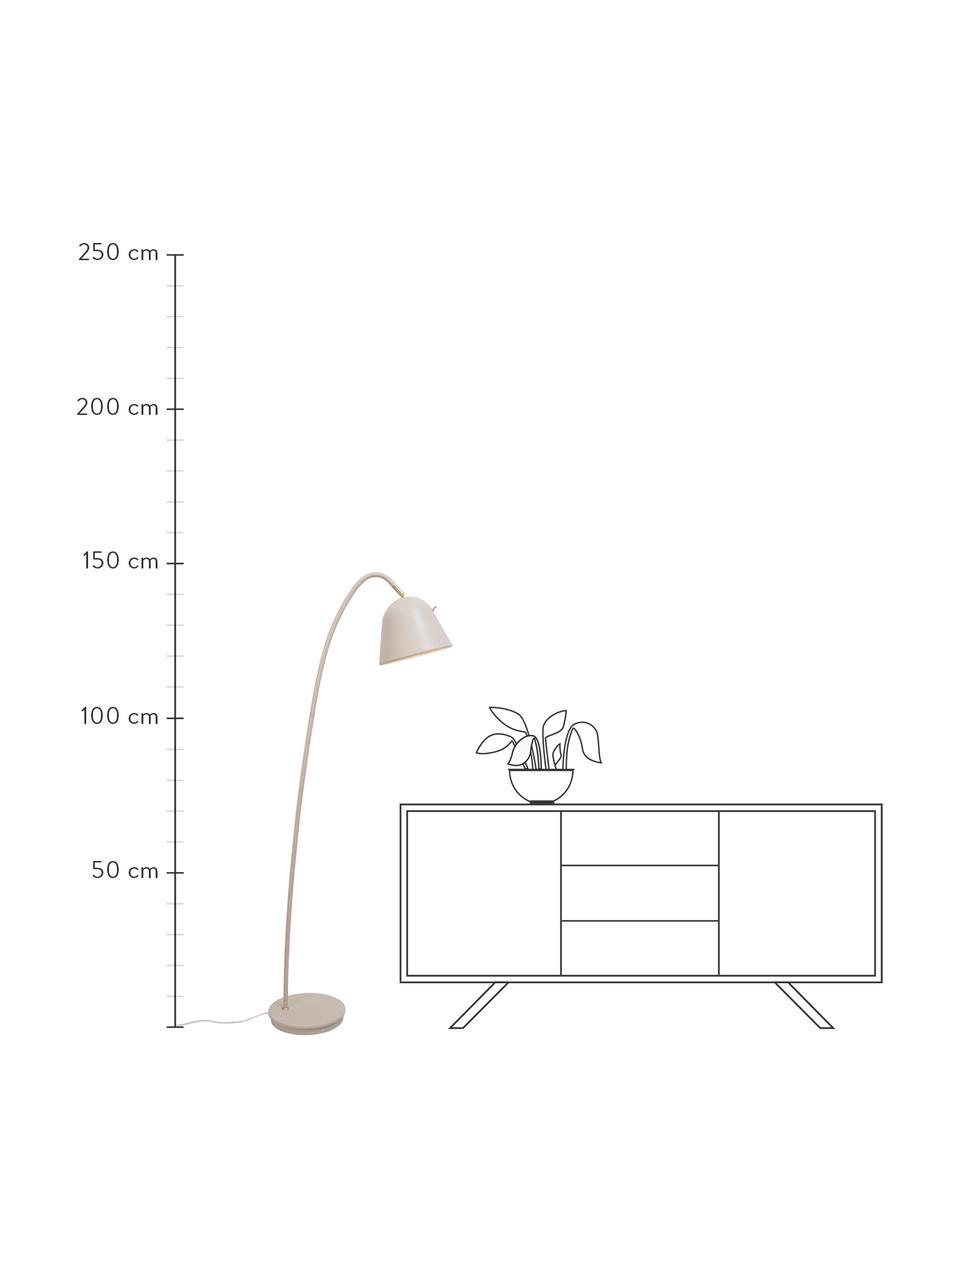 Leselampe Fleur in Beige, Lampenschirm: Metall, beschichtet, Lampenfuß: Metall, beschichtet, Dekor: Metall, Beige, 27 x 148 cm